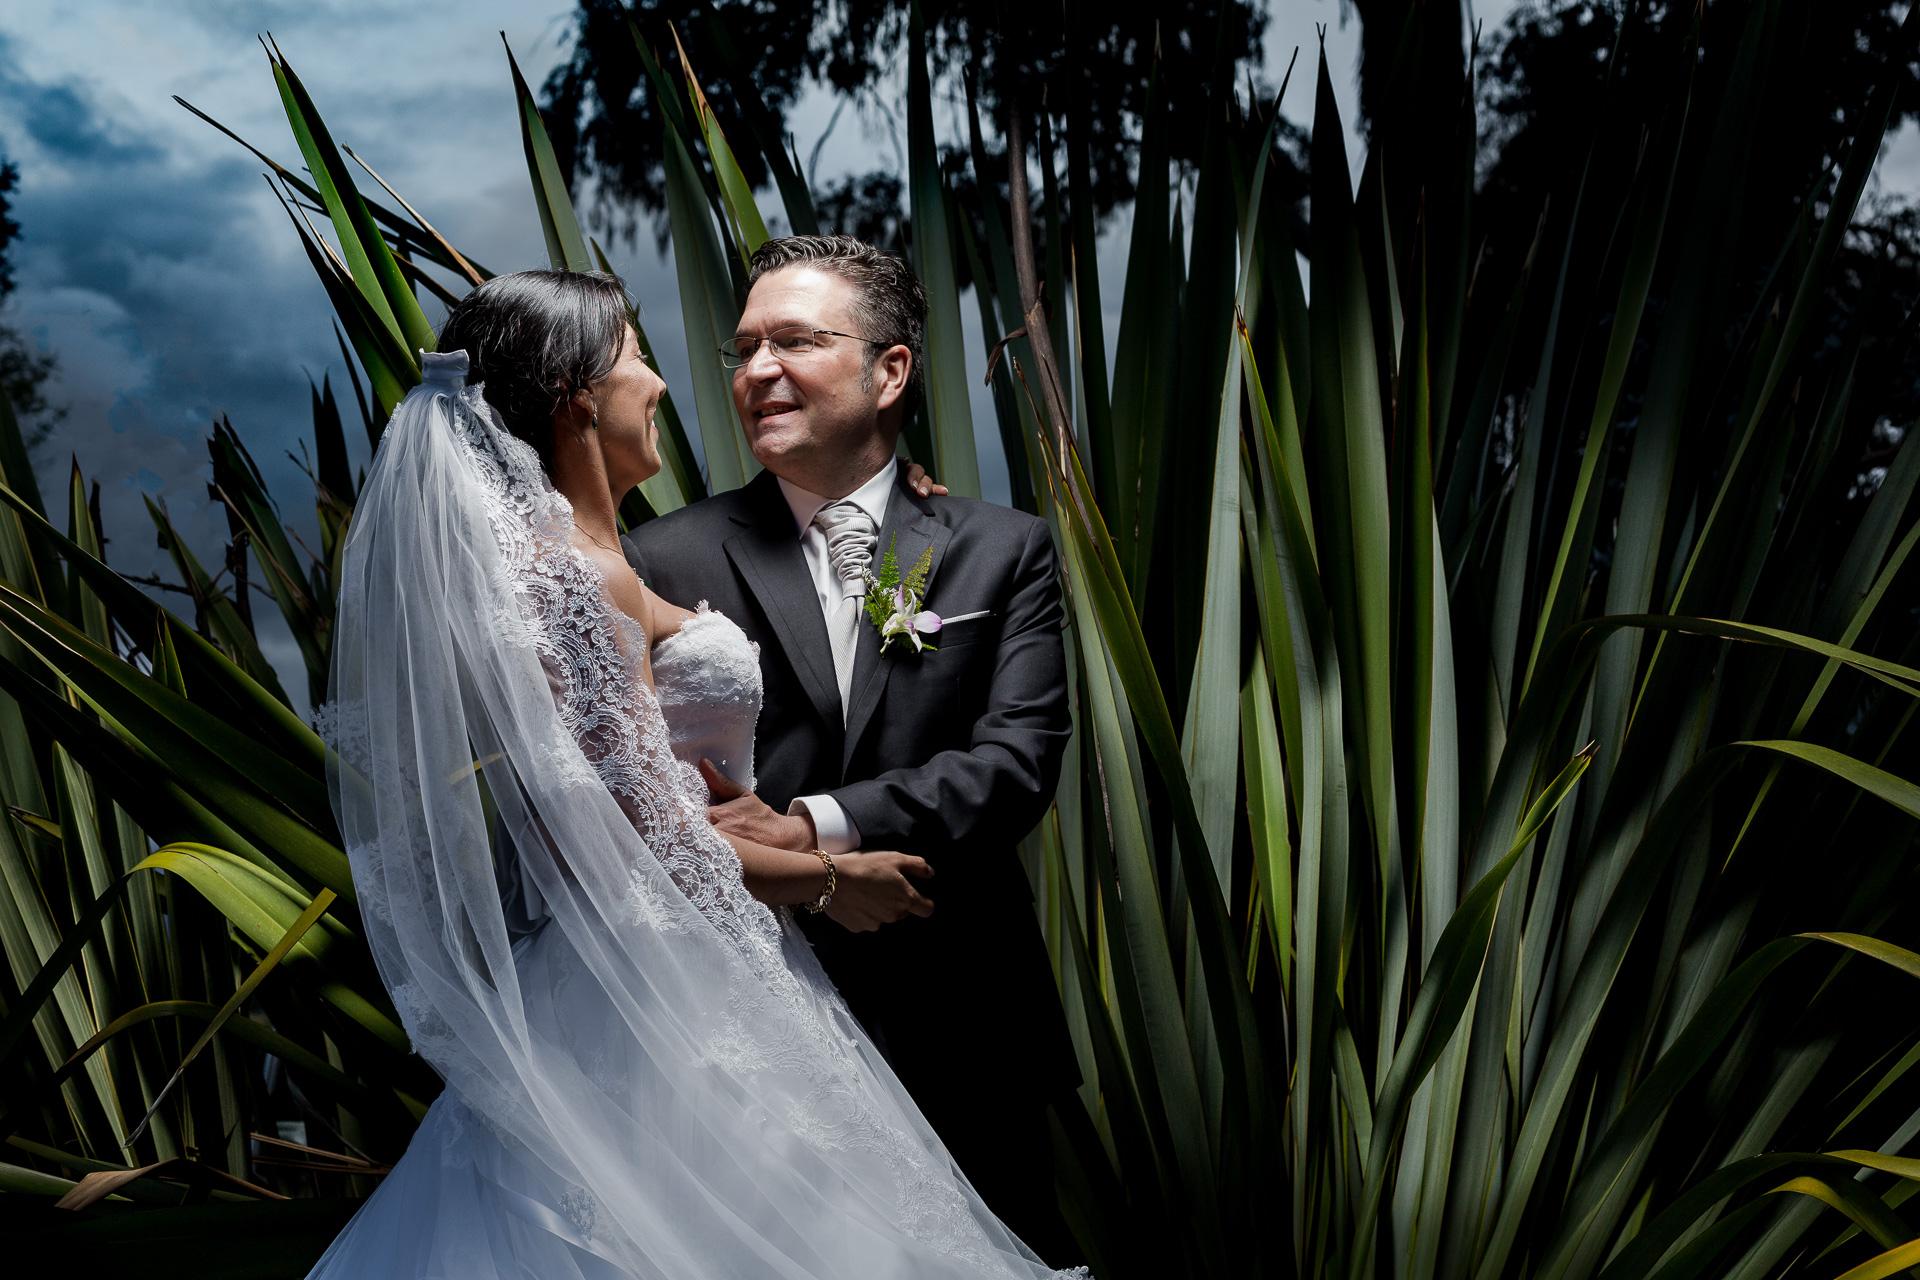 Fotógrafos-de-bodas-en-Colombia-Angela-y-Antonio-41 ANGELA Y ANTONIO